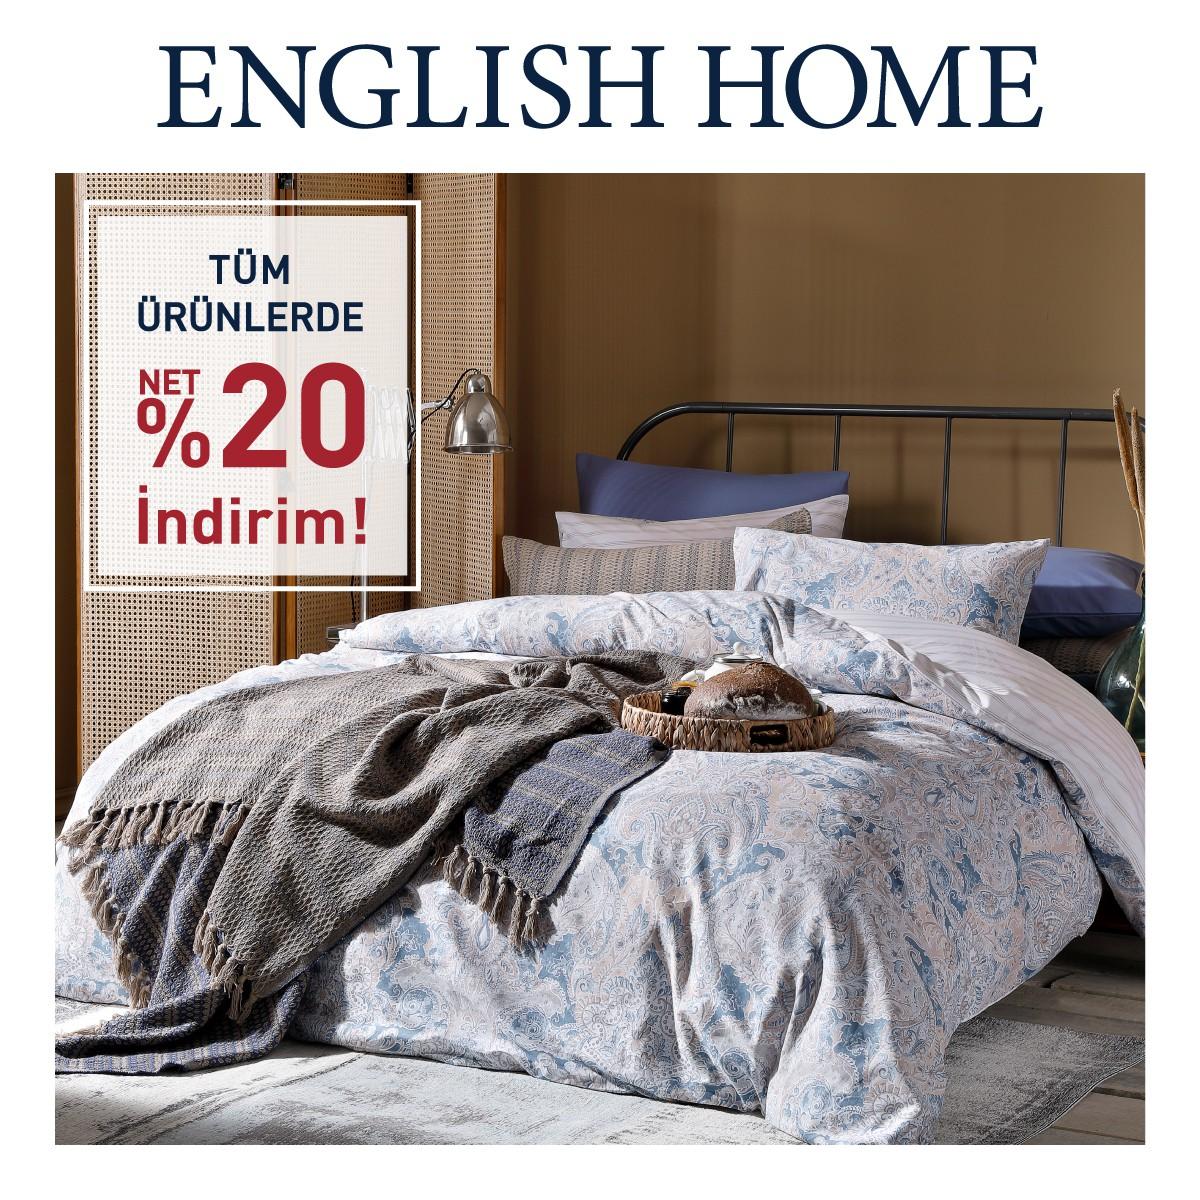 English Home'de tüm ürünlerde %20 indirim fırsatı başladı! Kaçırmayın!